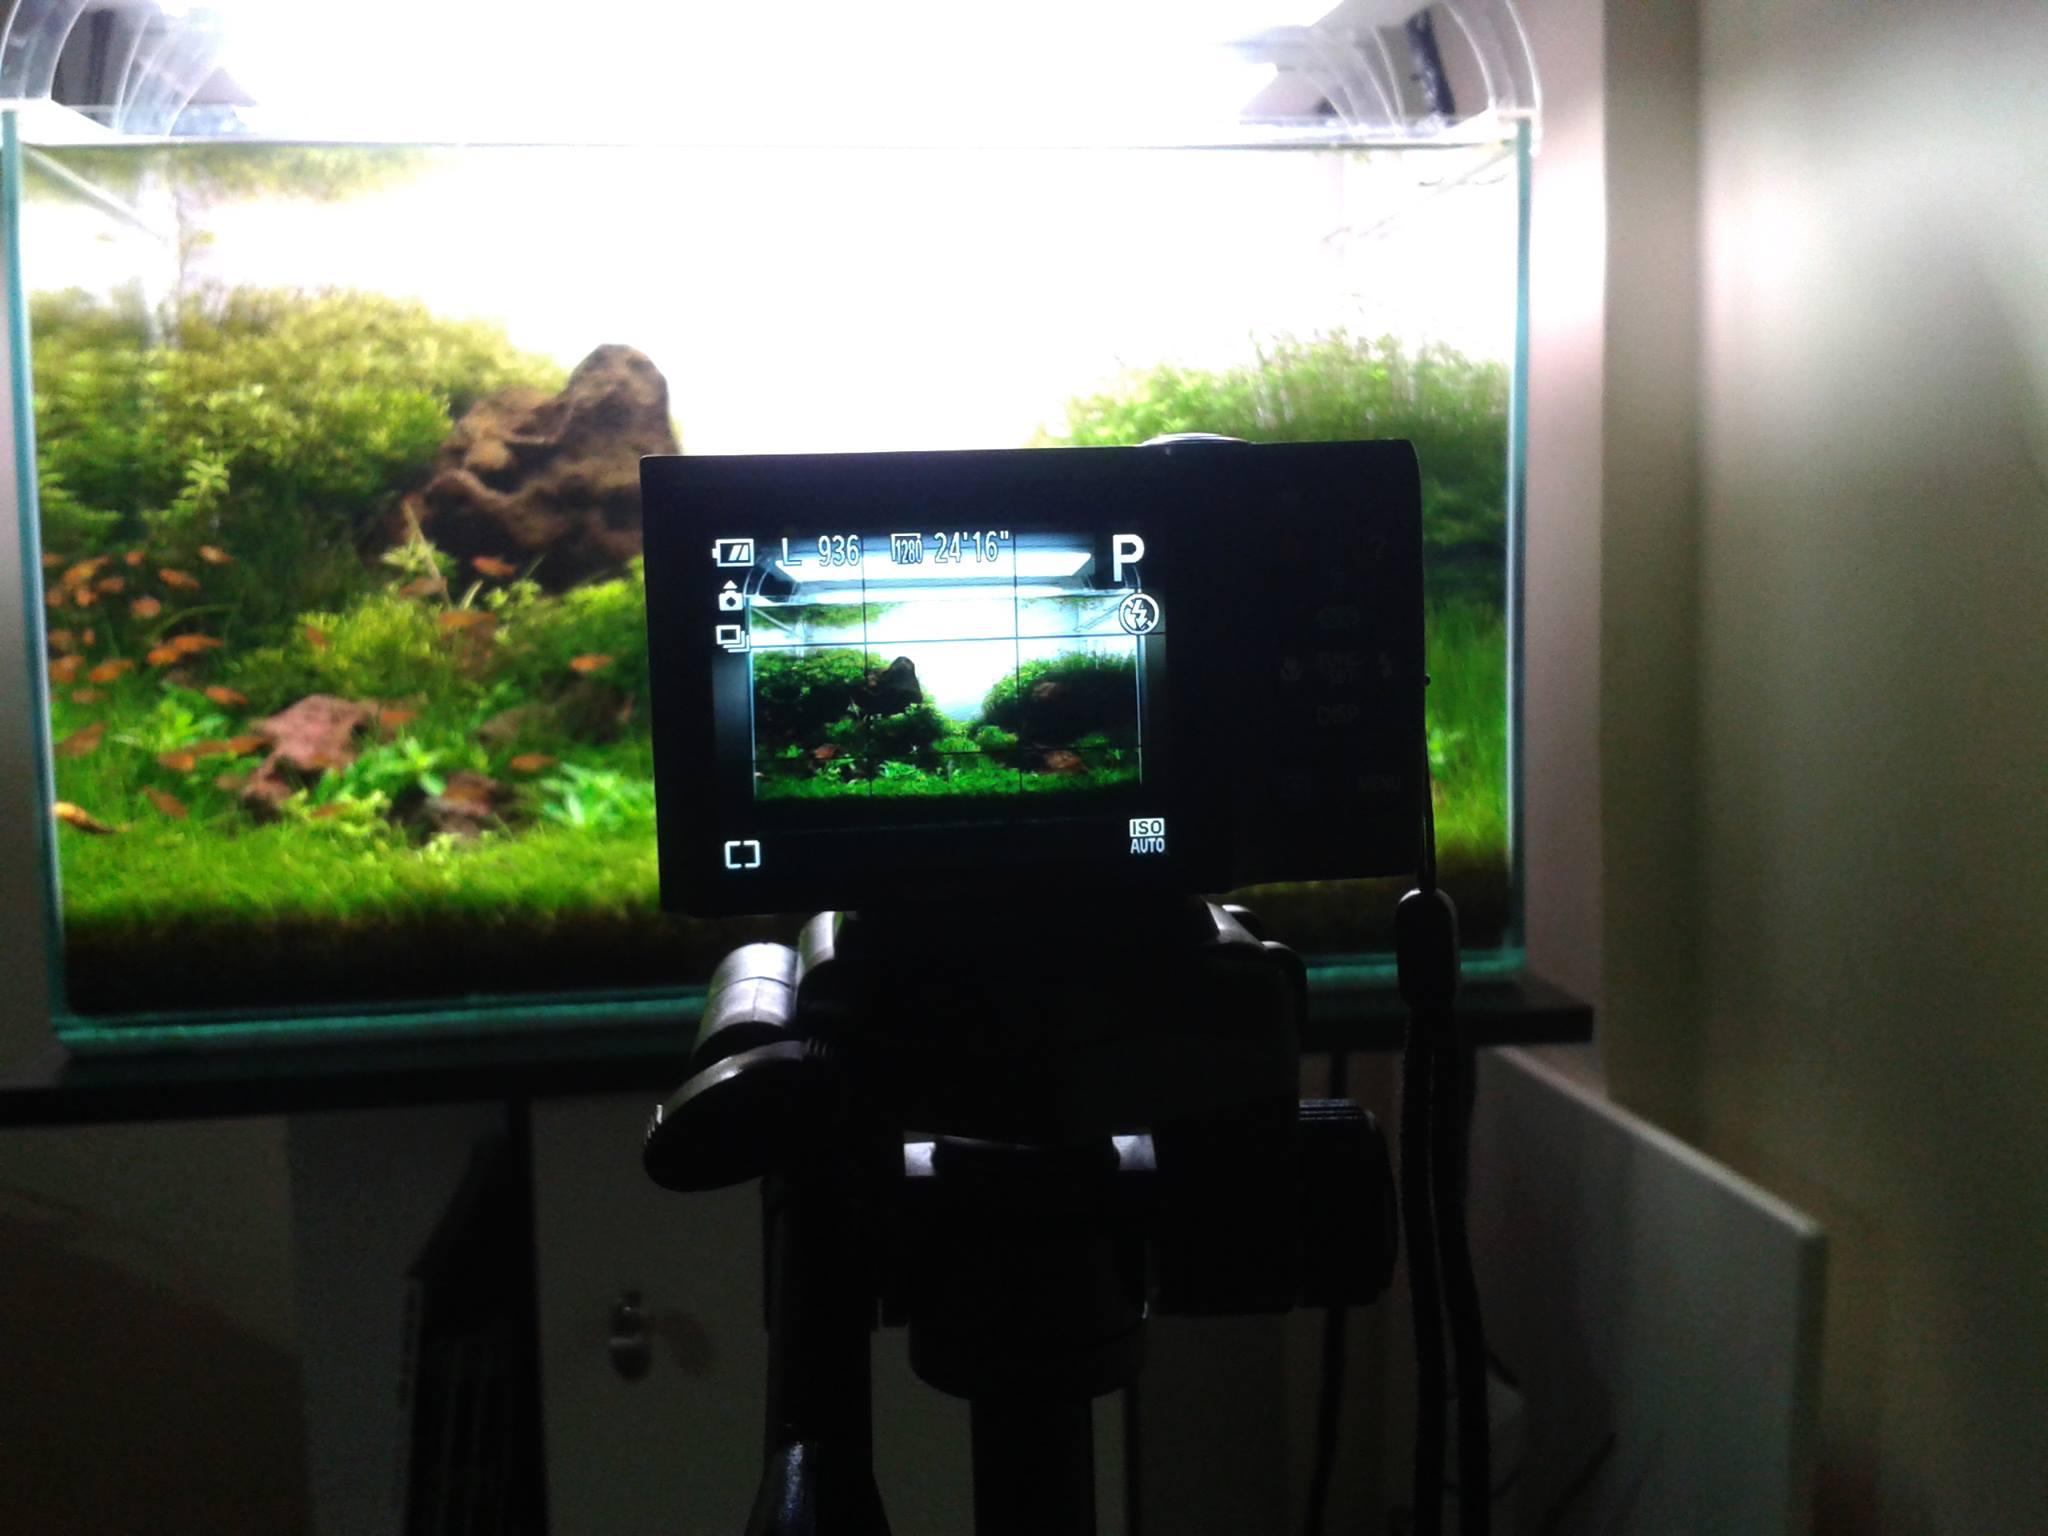 Aquapaisagismo - Fotografe para vencer